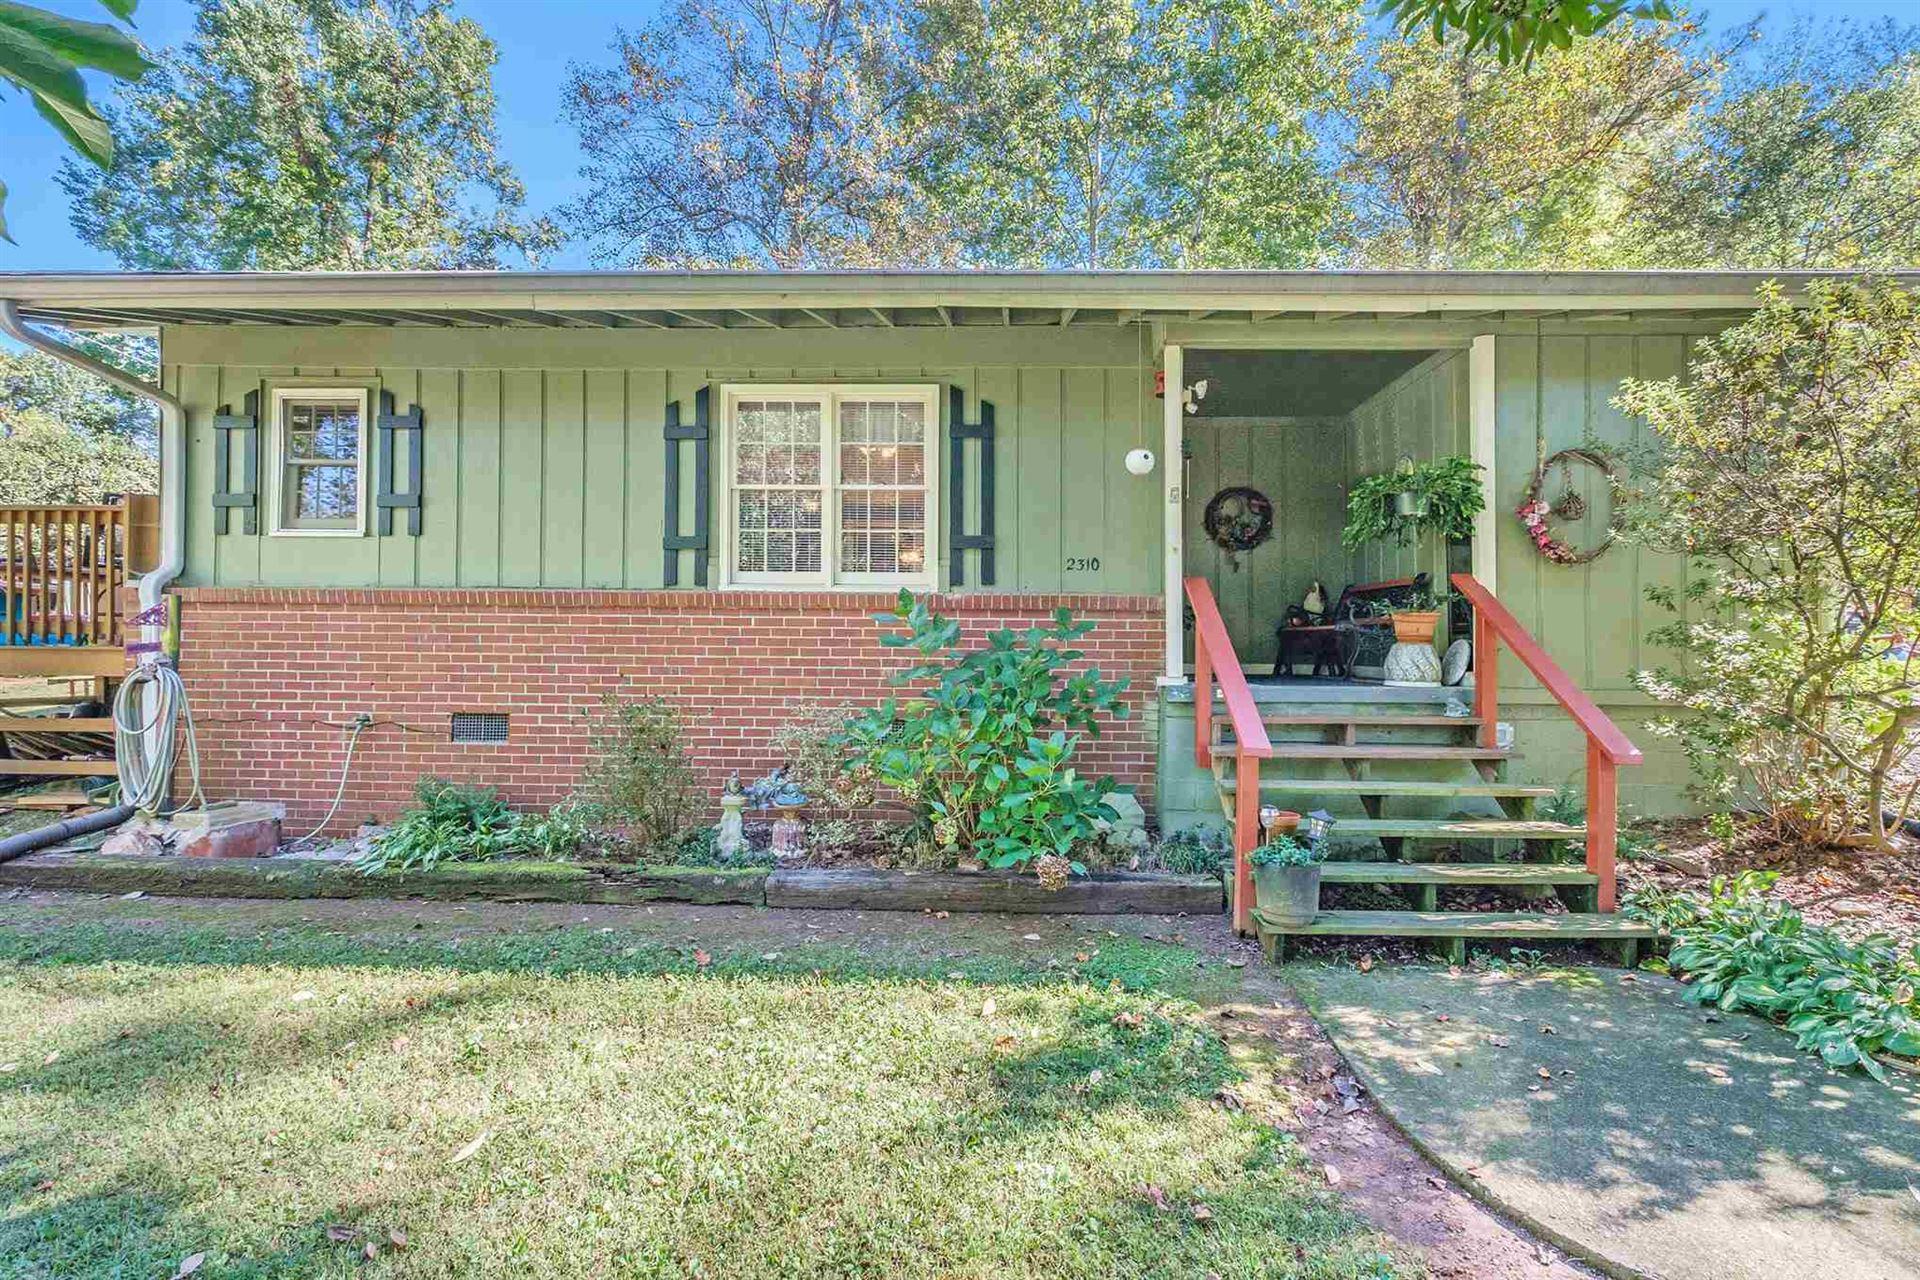 2310 Old Sewell Rd, Marietta, GA 30068 - MLS#: 8872010